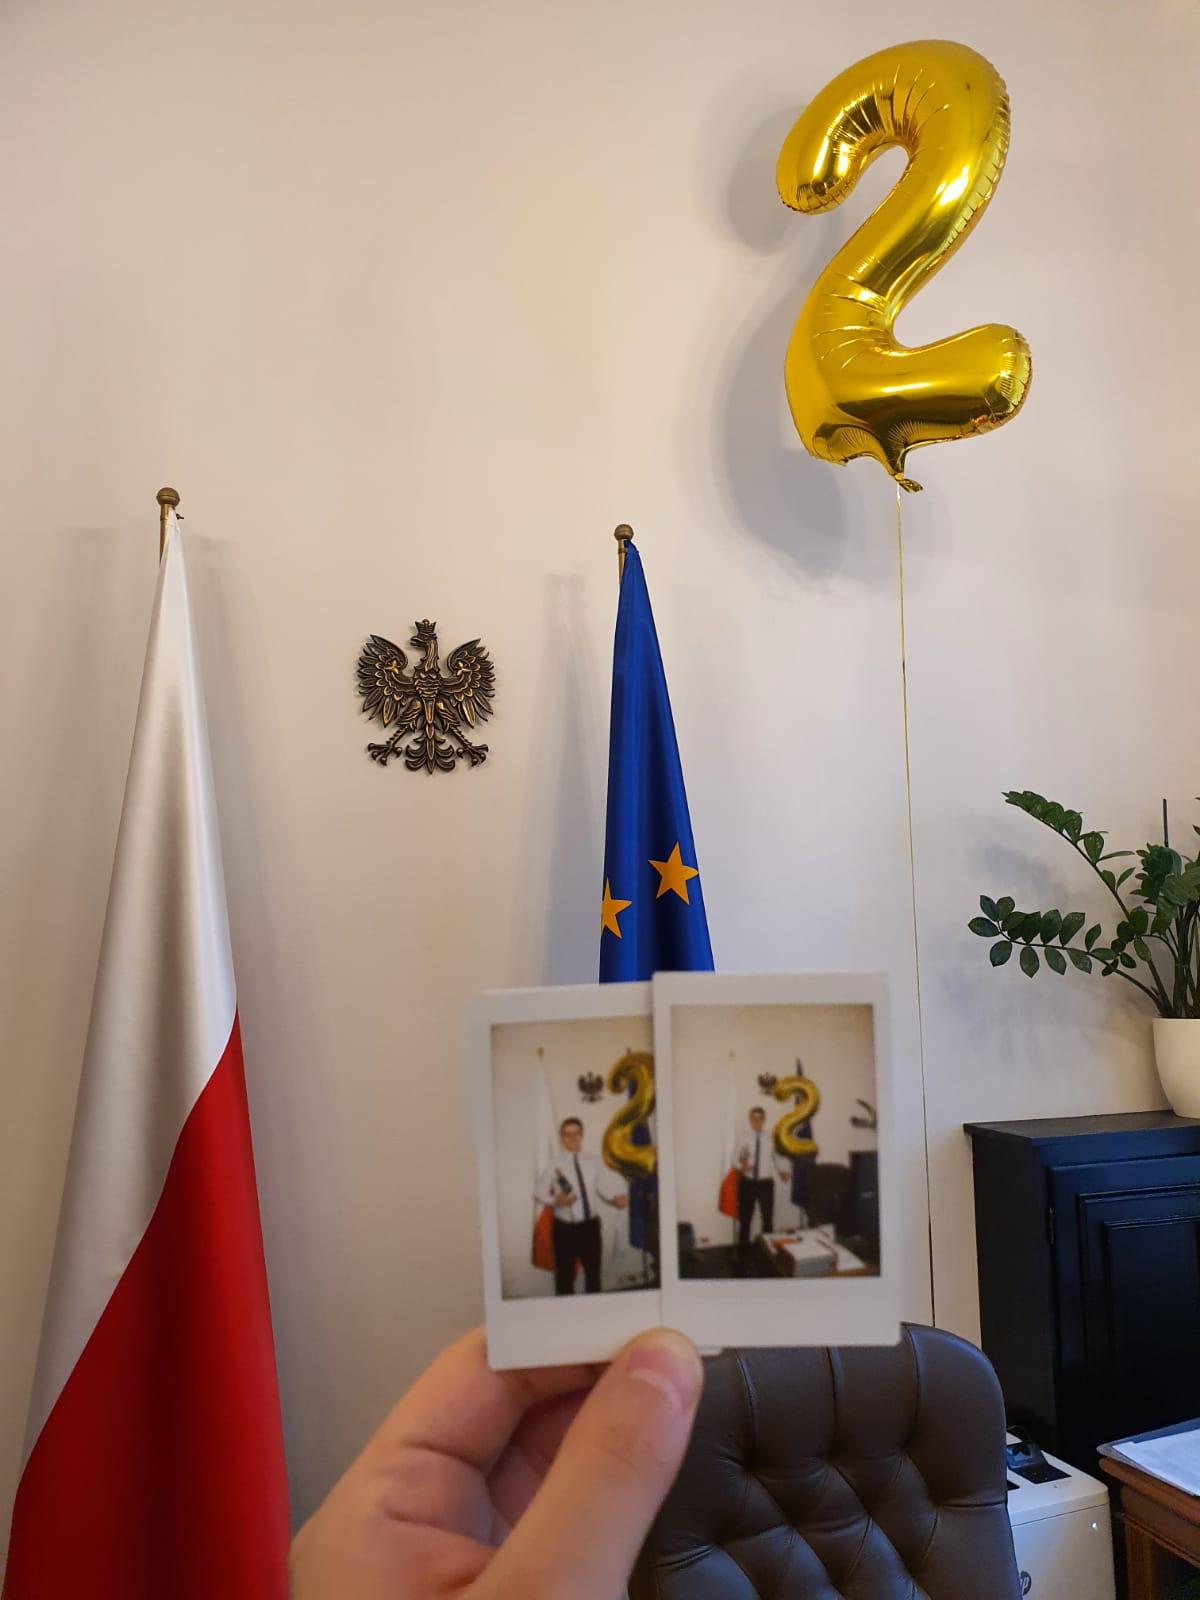 - 2 lata temu, 4 czerwca 2019 premier Mateusz Morawiecki powołał mnie na funkcję rzecznika prasowego rządu. Wiedziałem, że to ogromne wyzwanie i odpowiedzialność z jaką przyjdzie mi się zmierzyć. Przez ostatnie dwa lata niemal każdego dnia komentowałem i informowałem o najważniejszych sprawach i działaniach rządu.